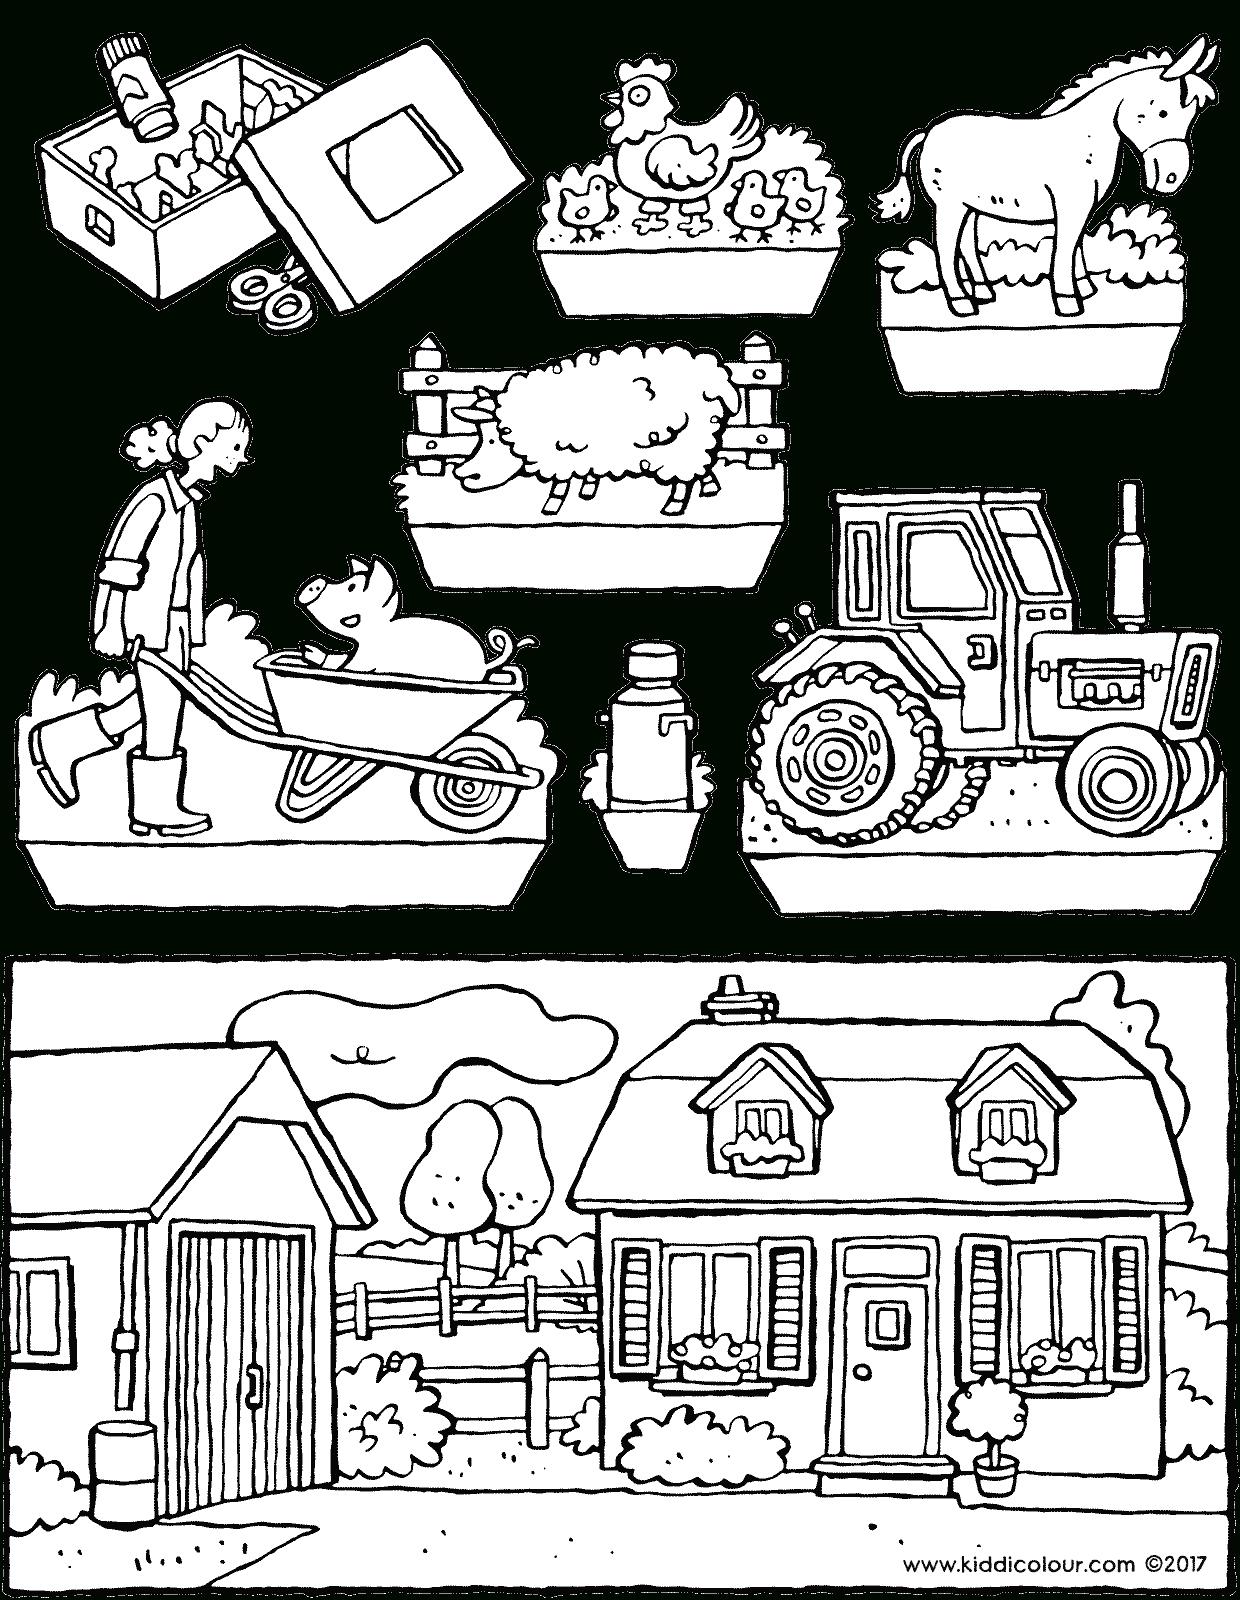 Der Bauernhof-Guckkasten - Kiddimalseite über Bauernhof Ausmalbilder